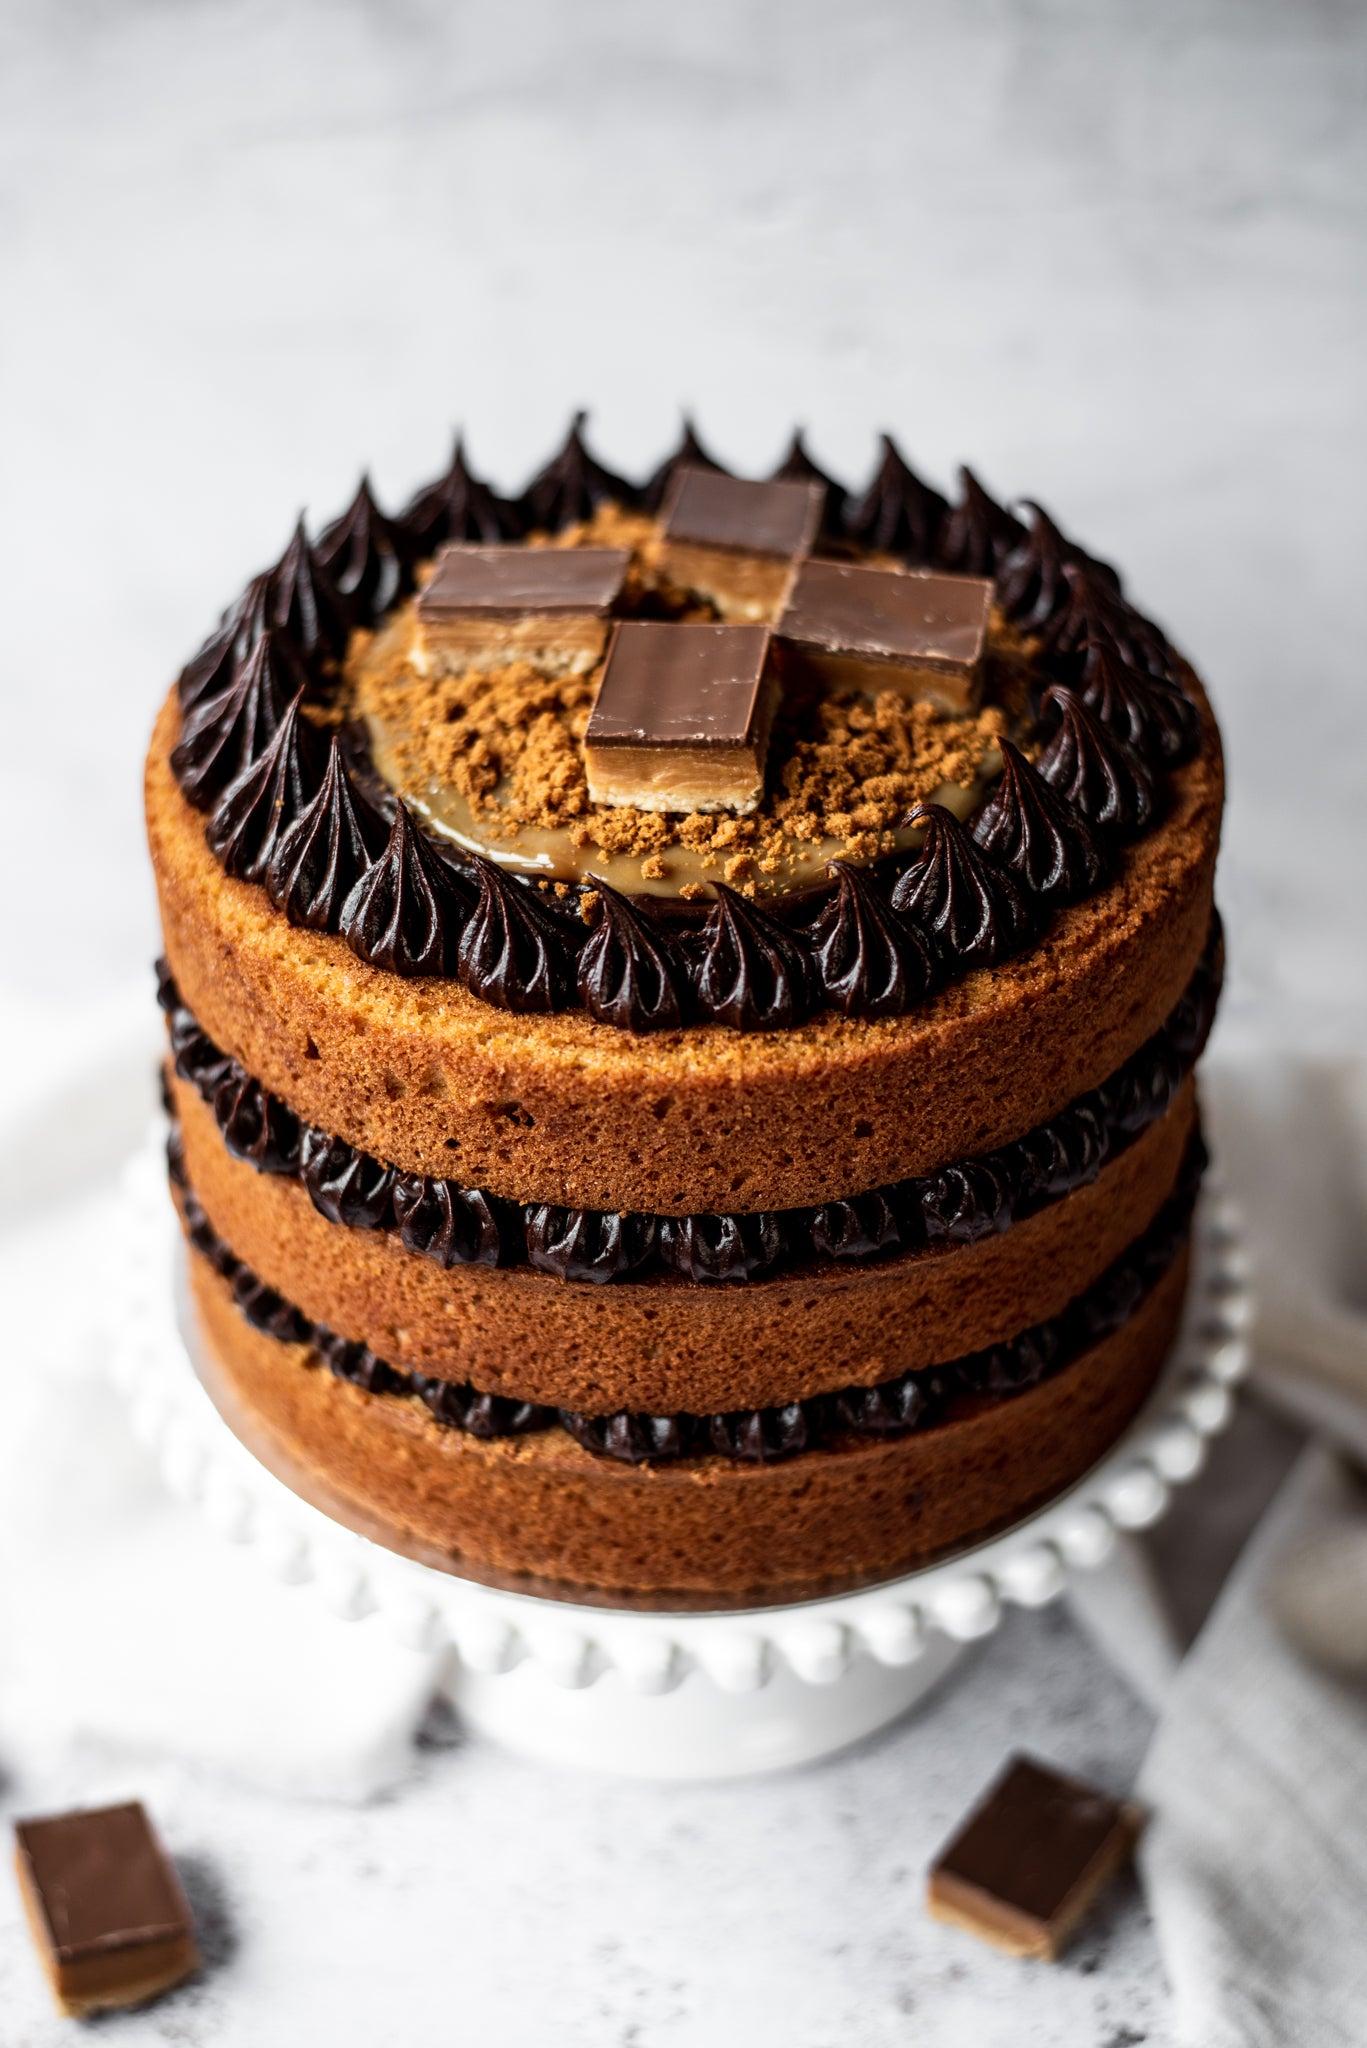 Millionaires-Sponge-Cake-WEB-RES-3.jpg